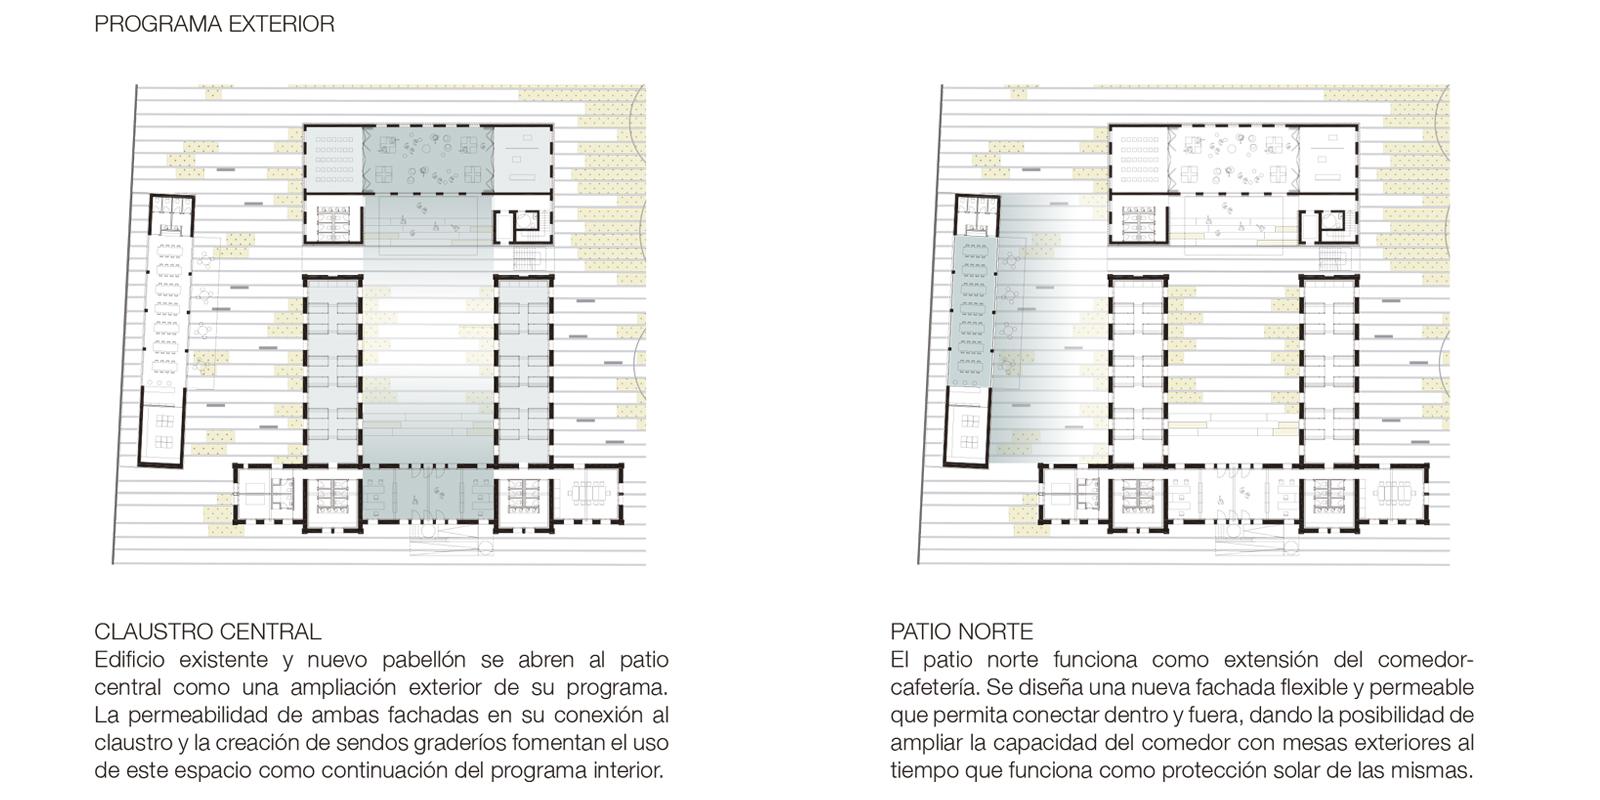 coloniasSALINAS_P04C_EXTERIOR